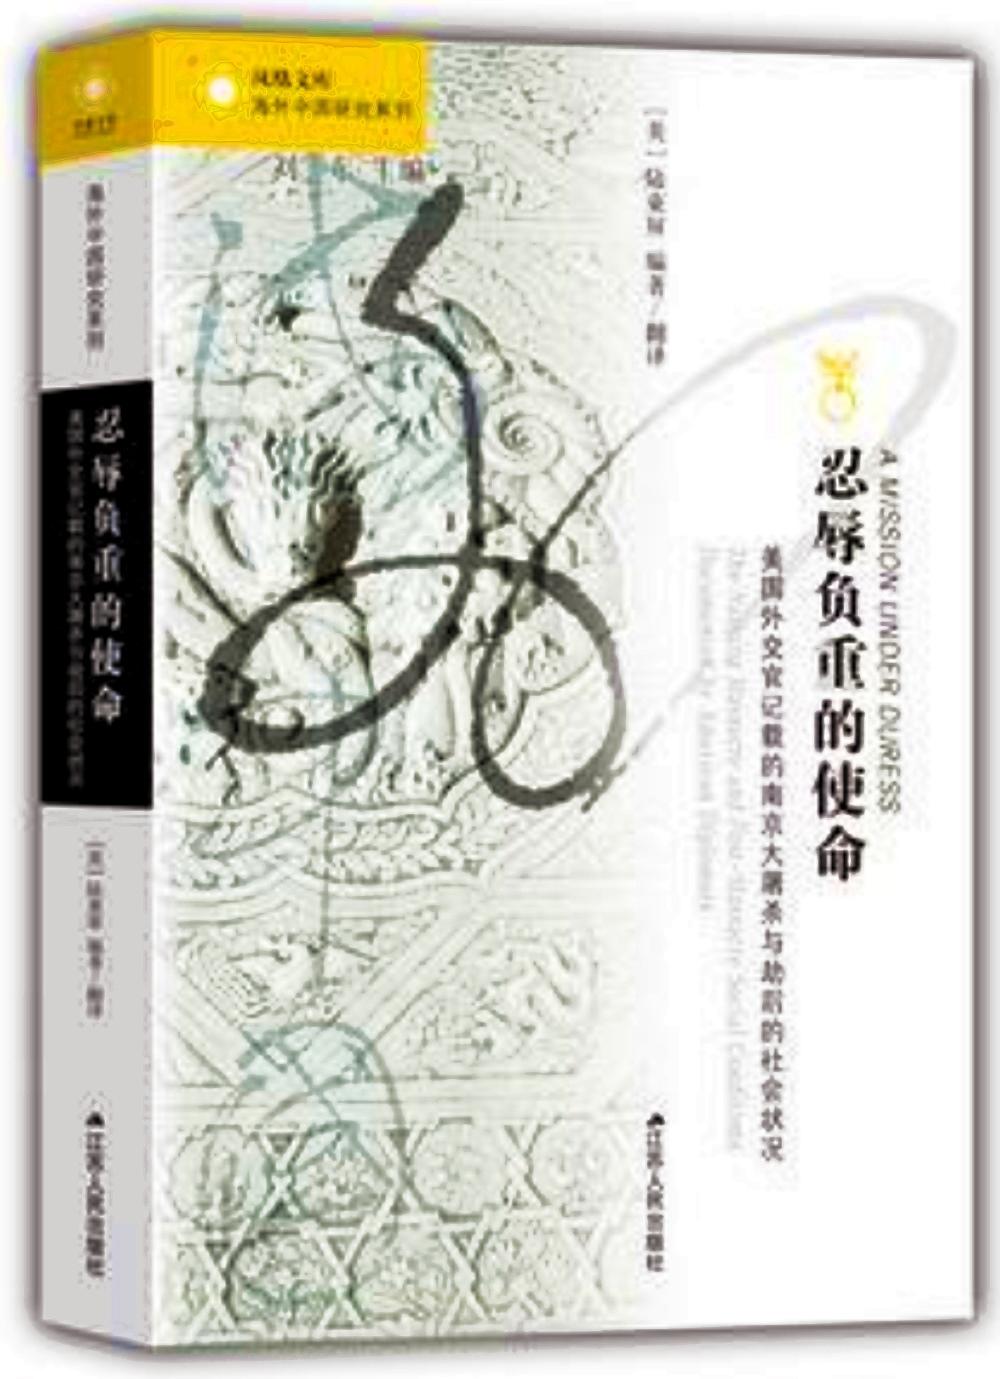 忍辱負重的使命:美國外交官記載的南京大屠殺與劫后的社會狀況